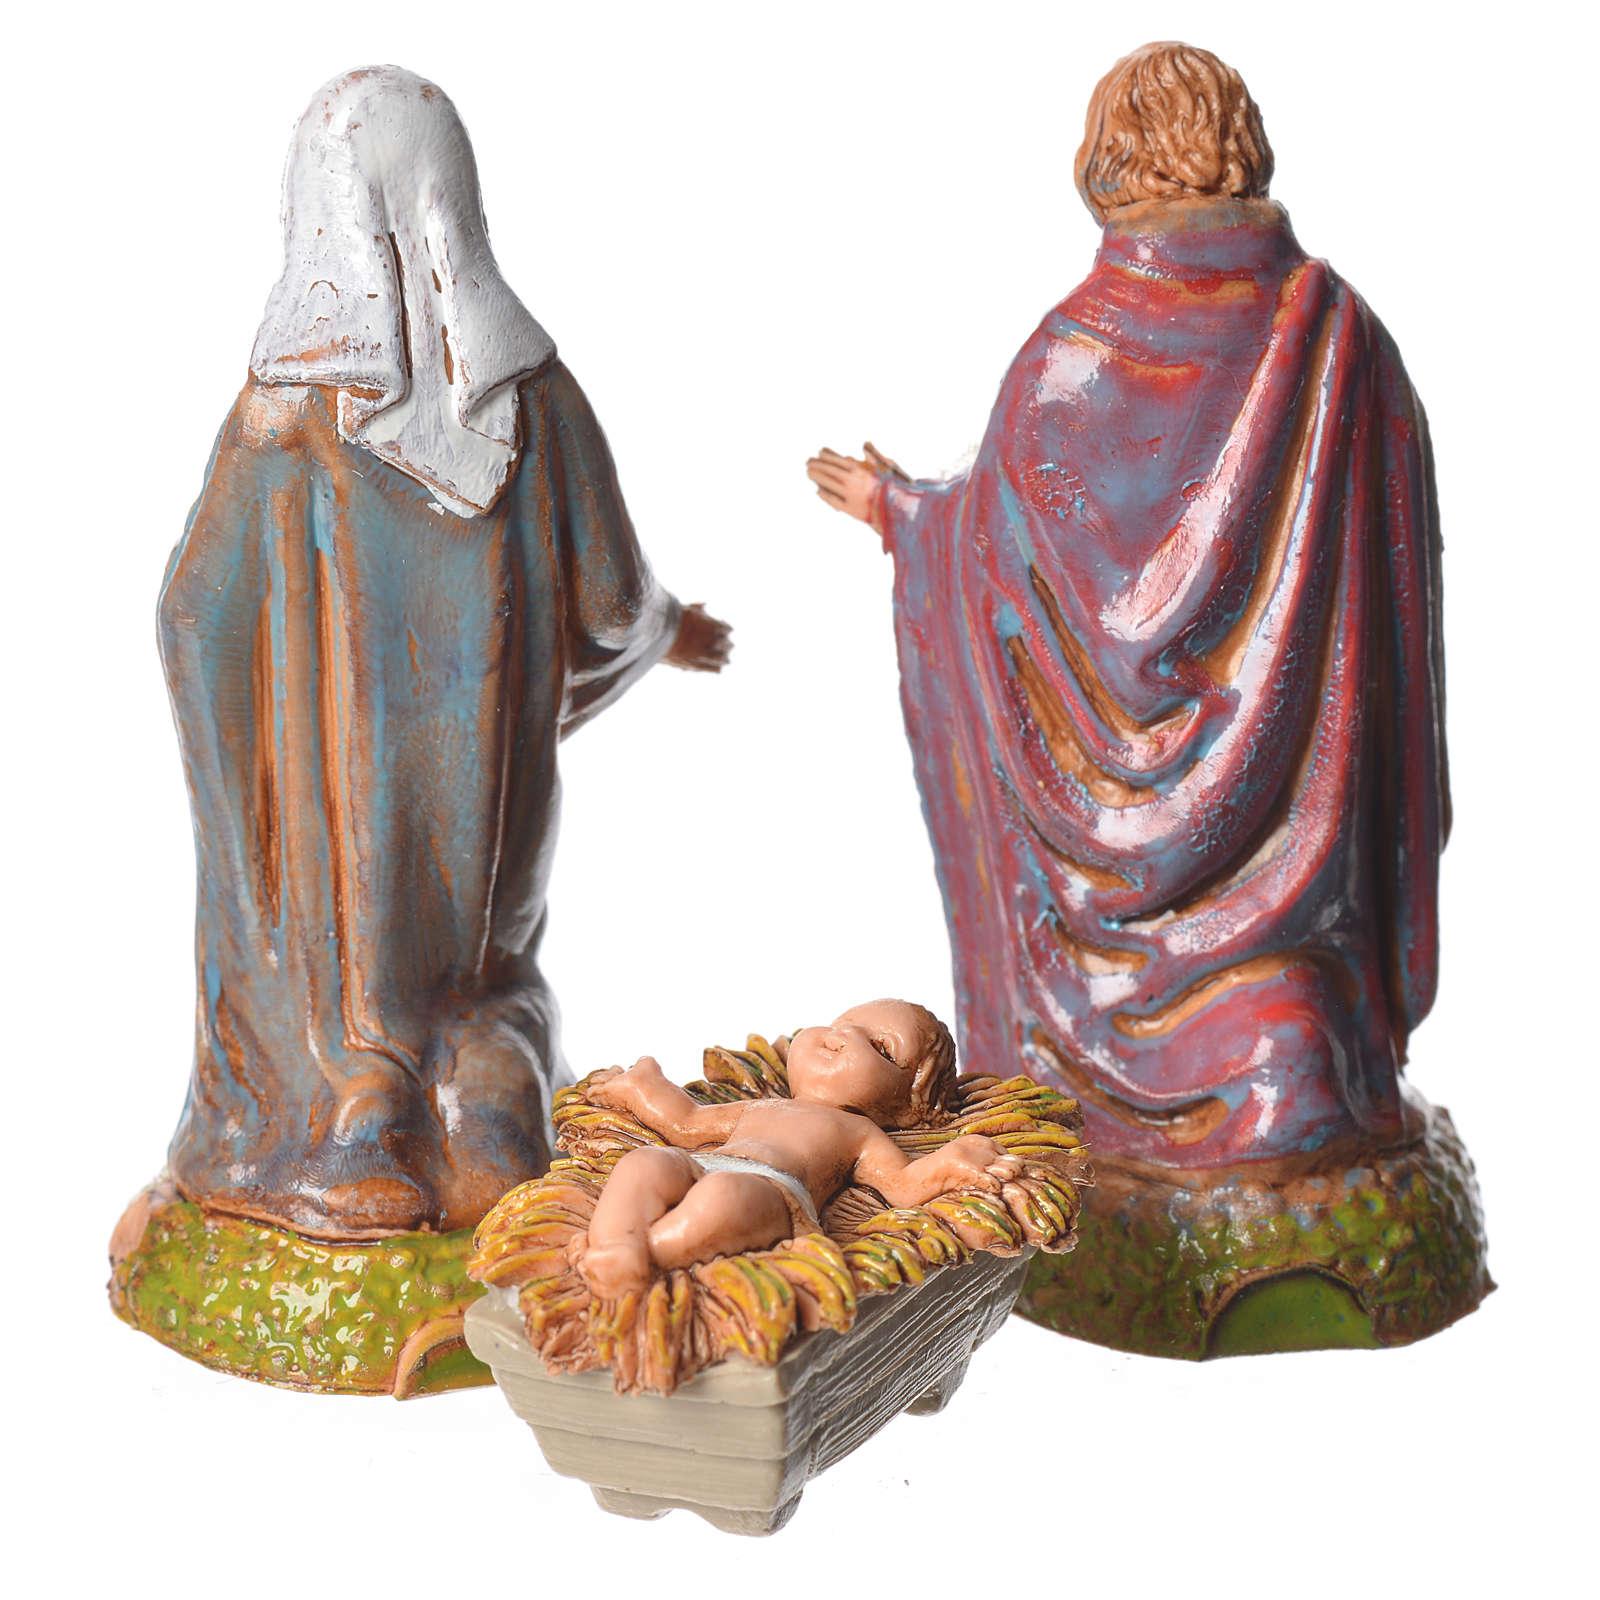 Nativité crèche 6 cm Moranduzzo 3 pcs 4